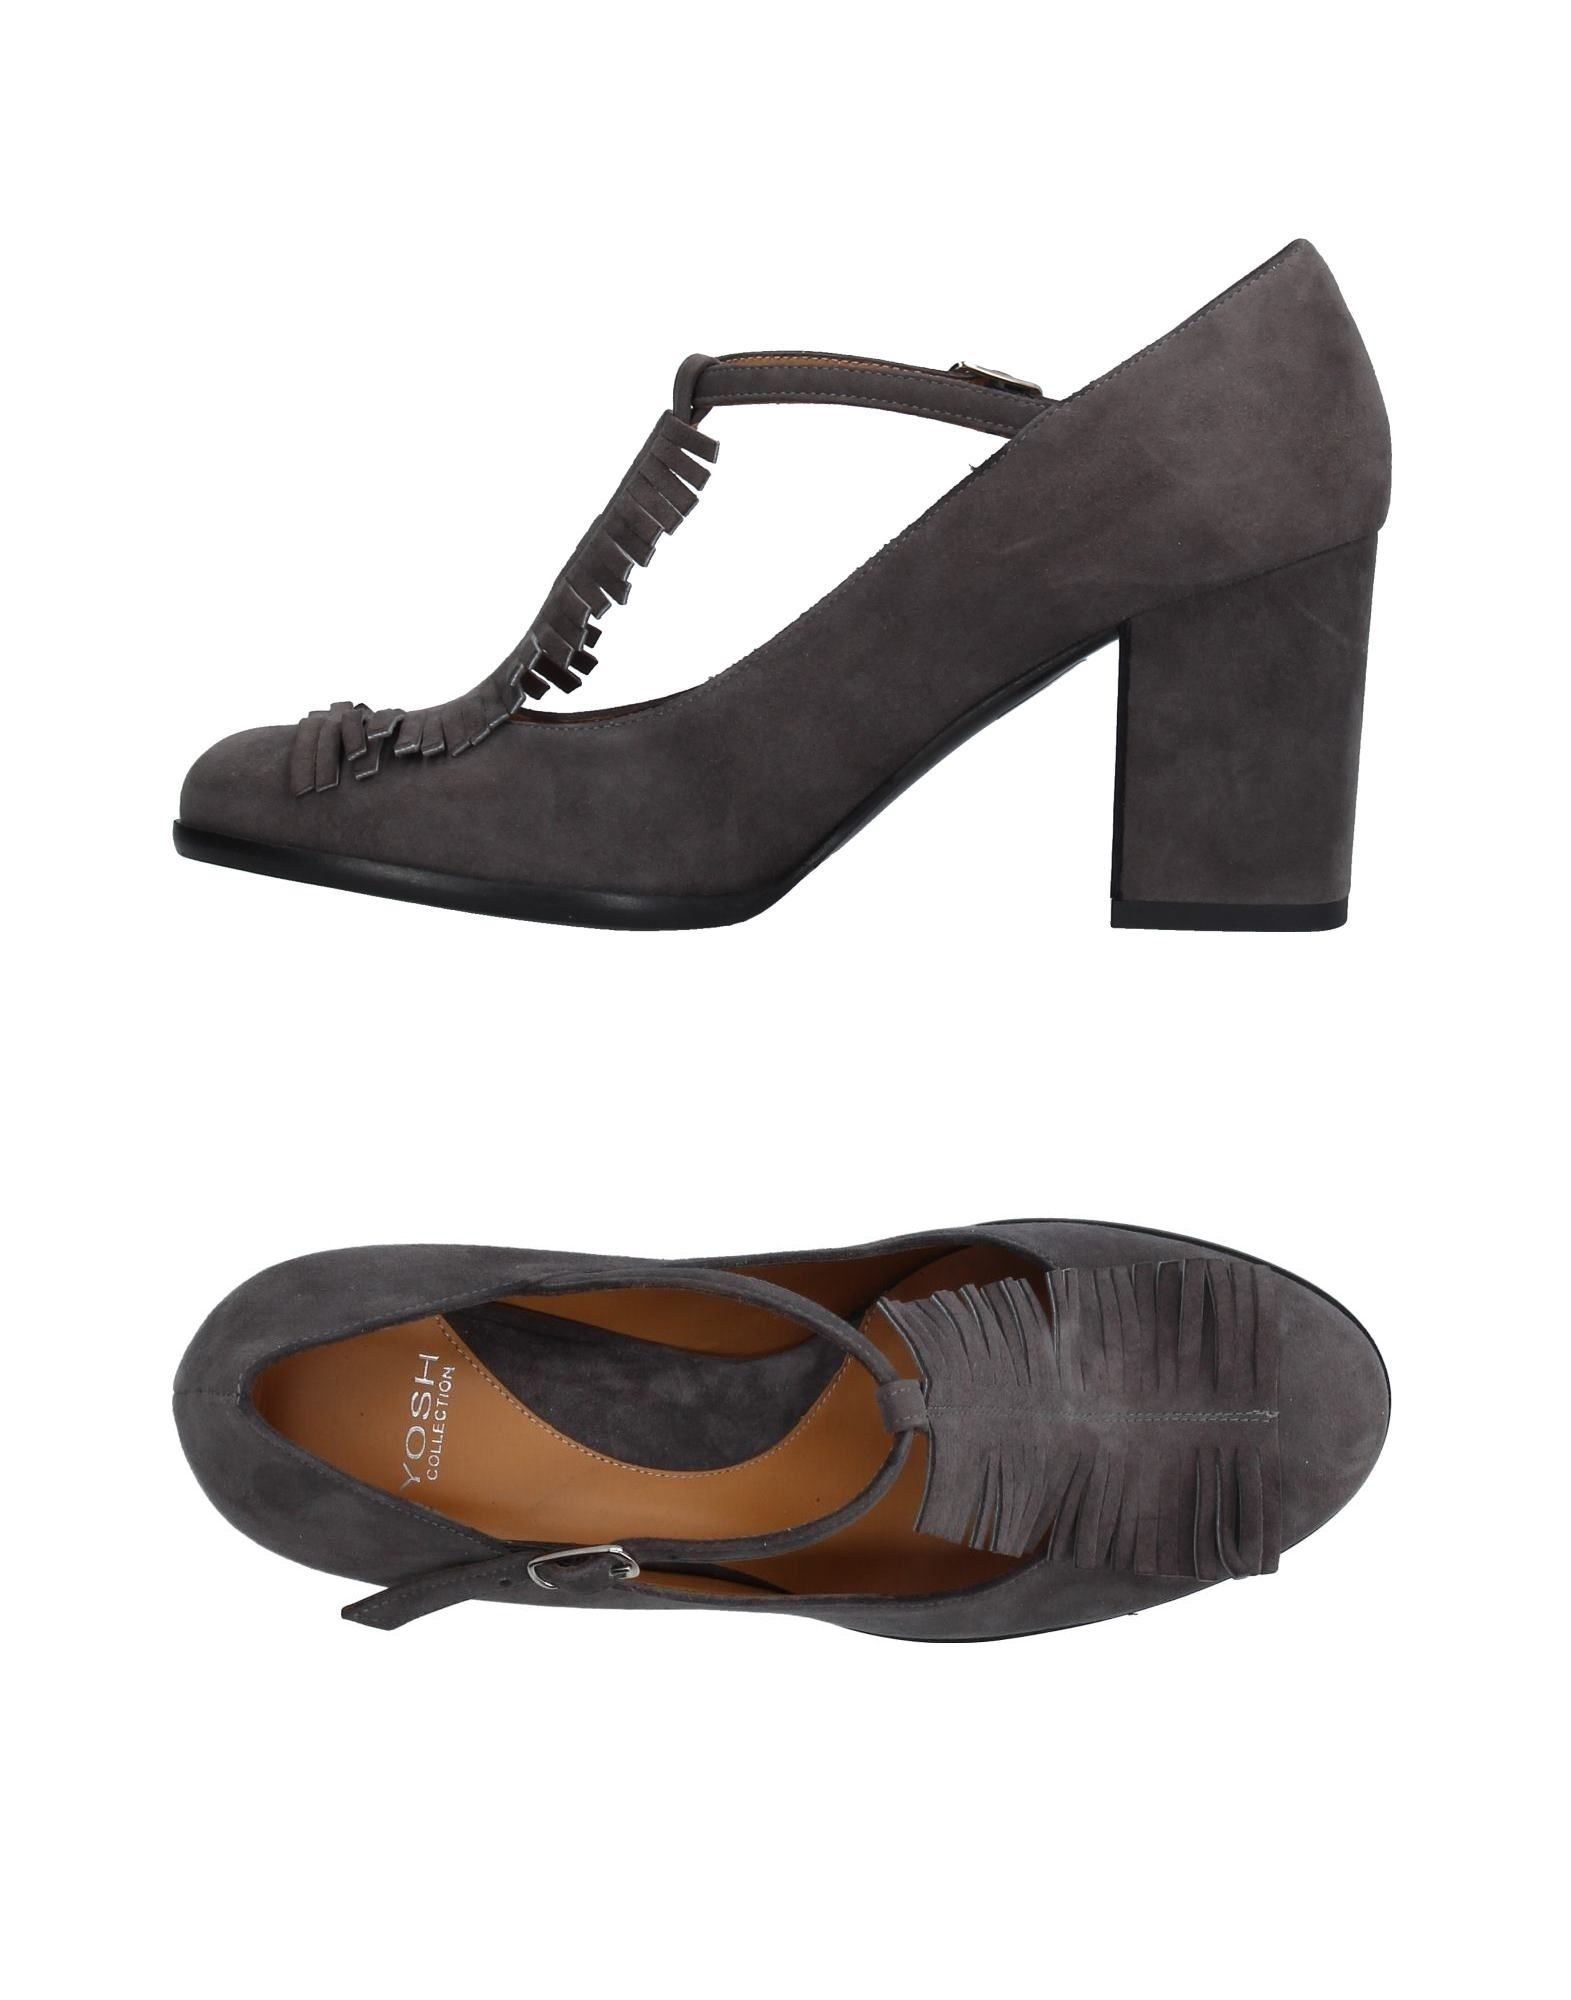 цены на YOSH COLLECTION Туфли в интернет-магазинах